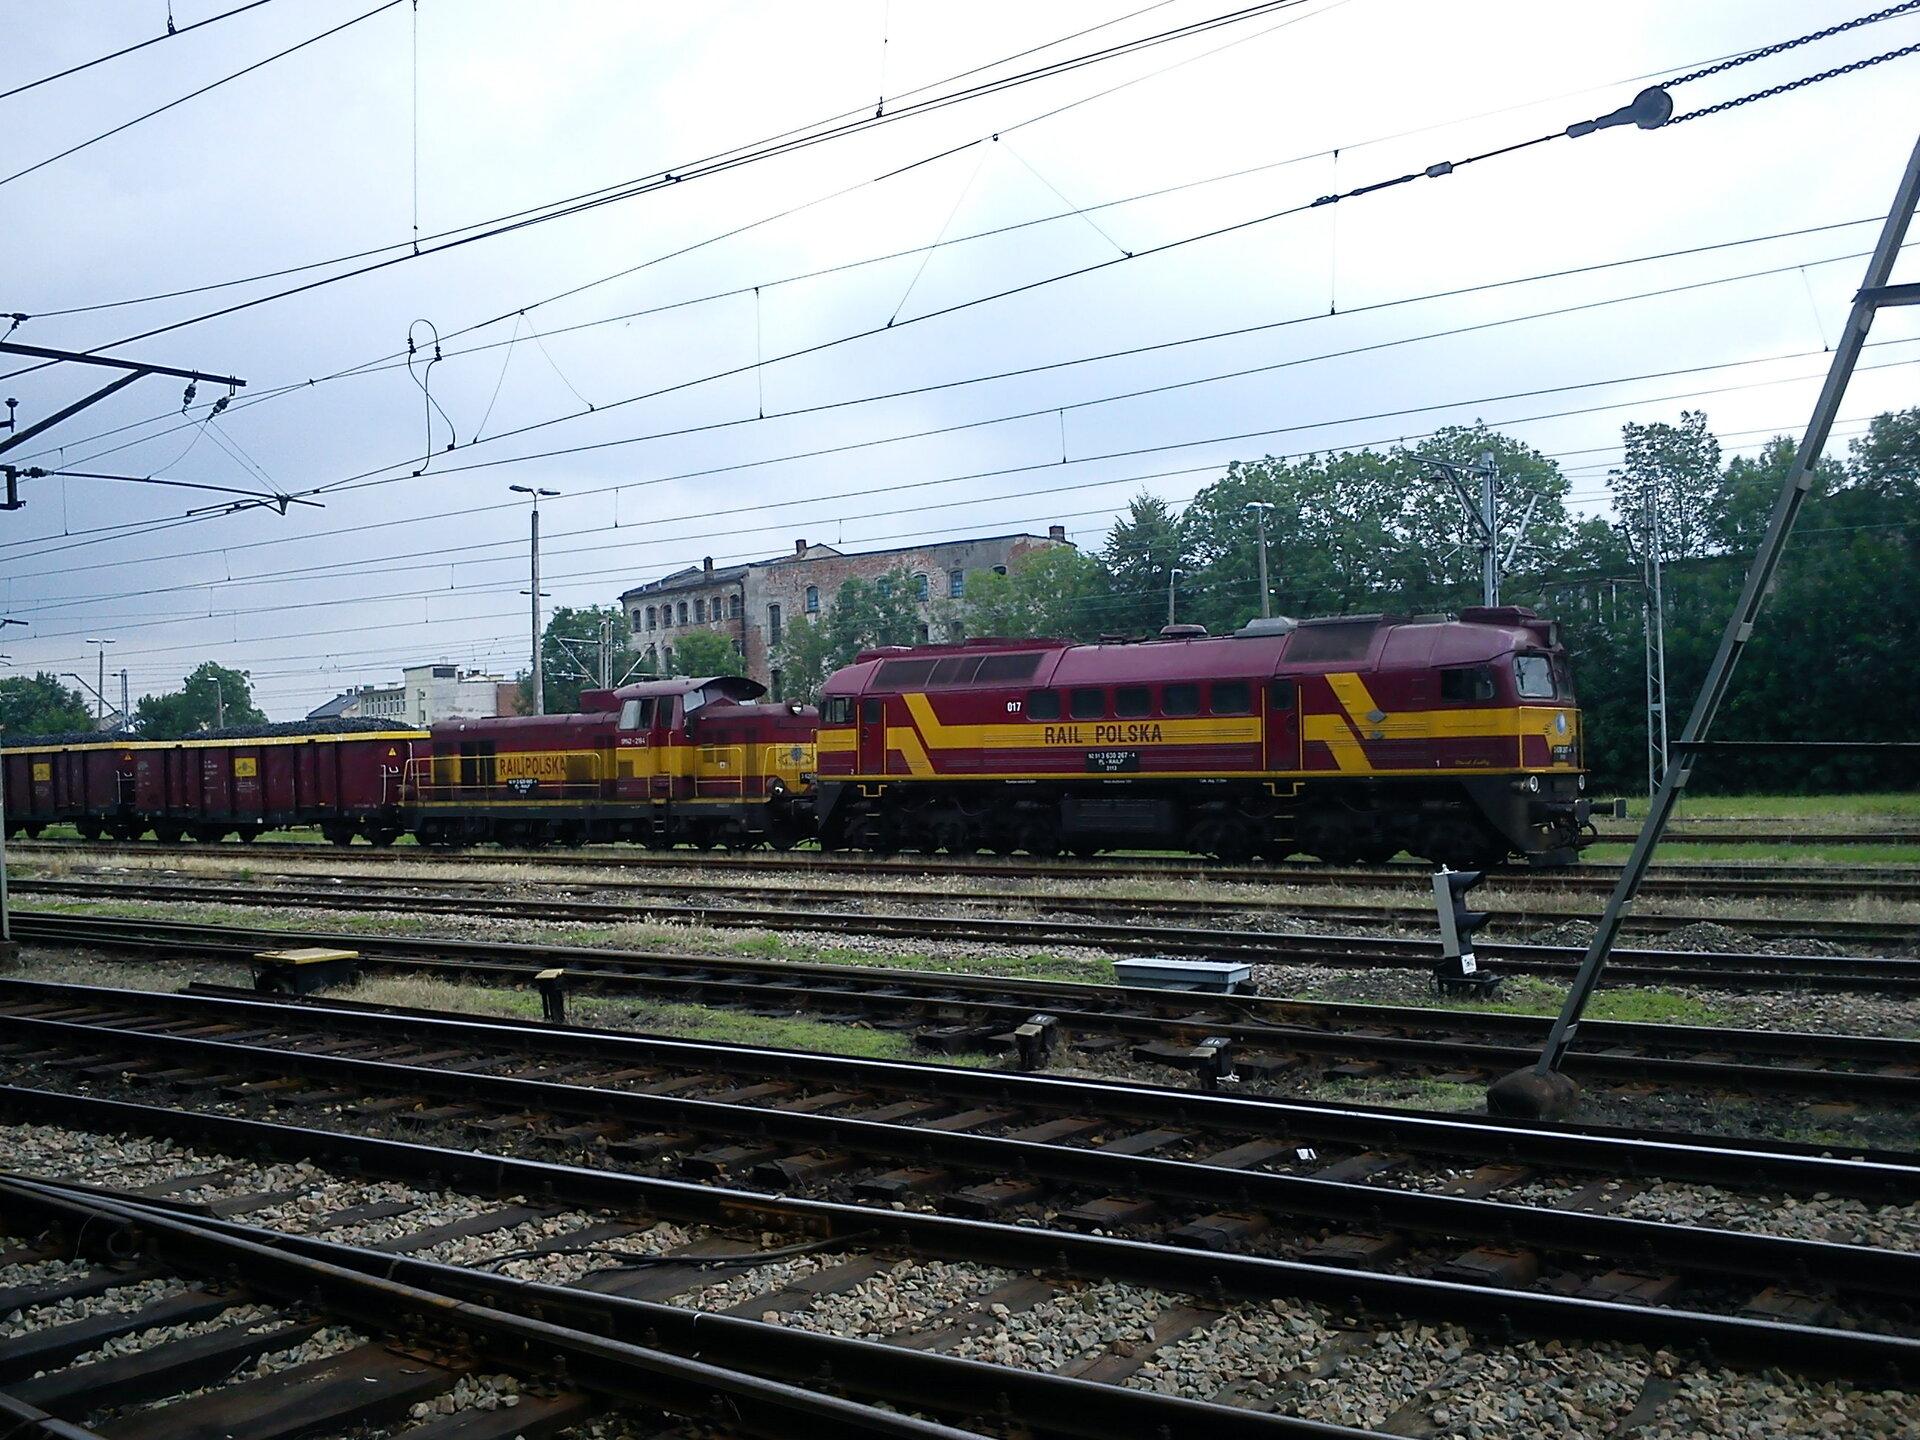 Rail Polska.JPG